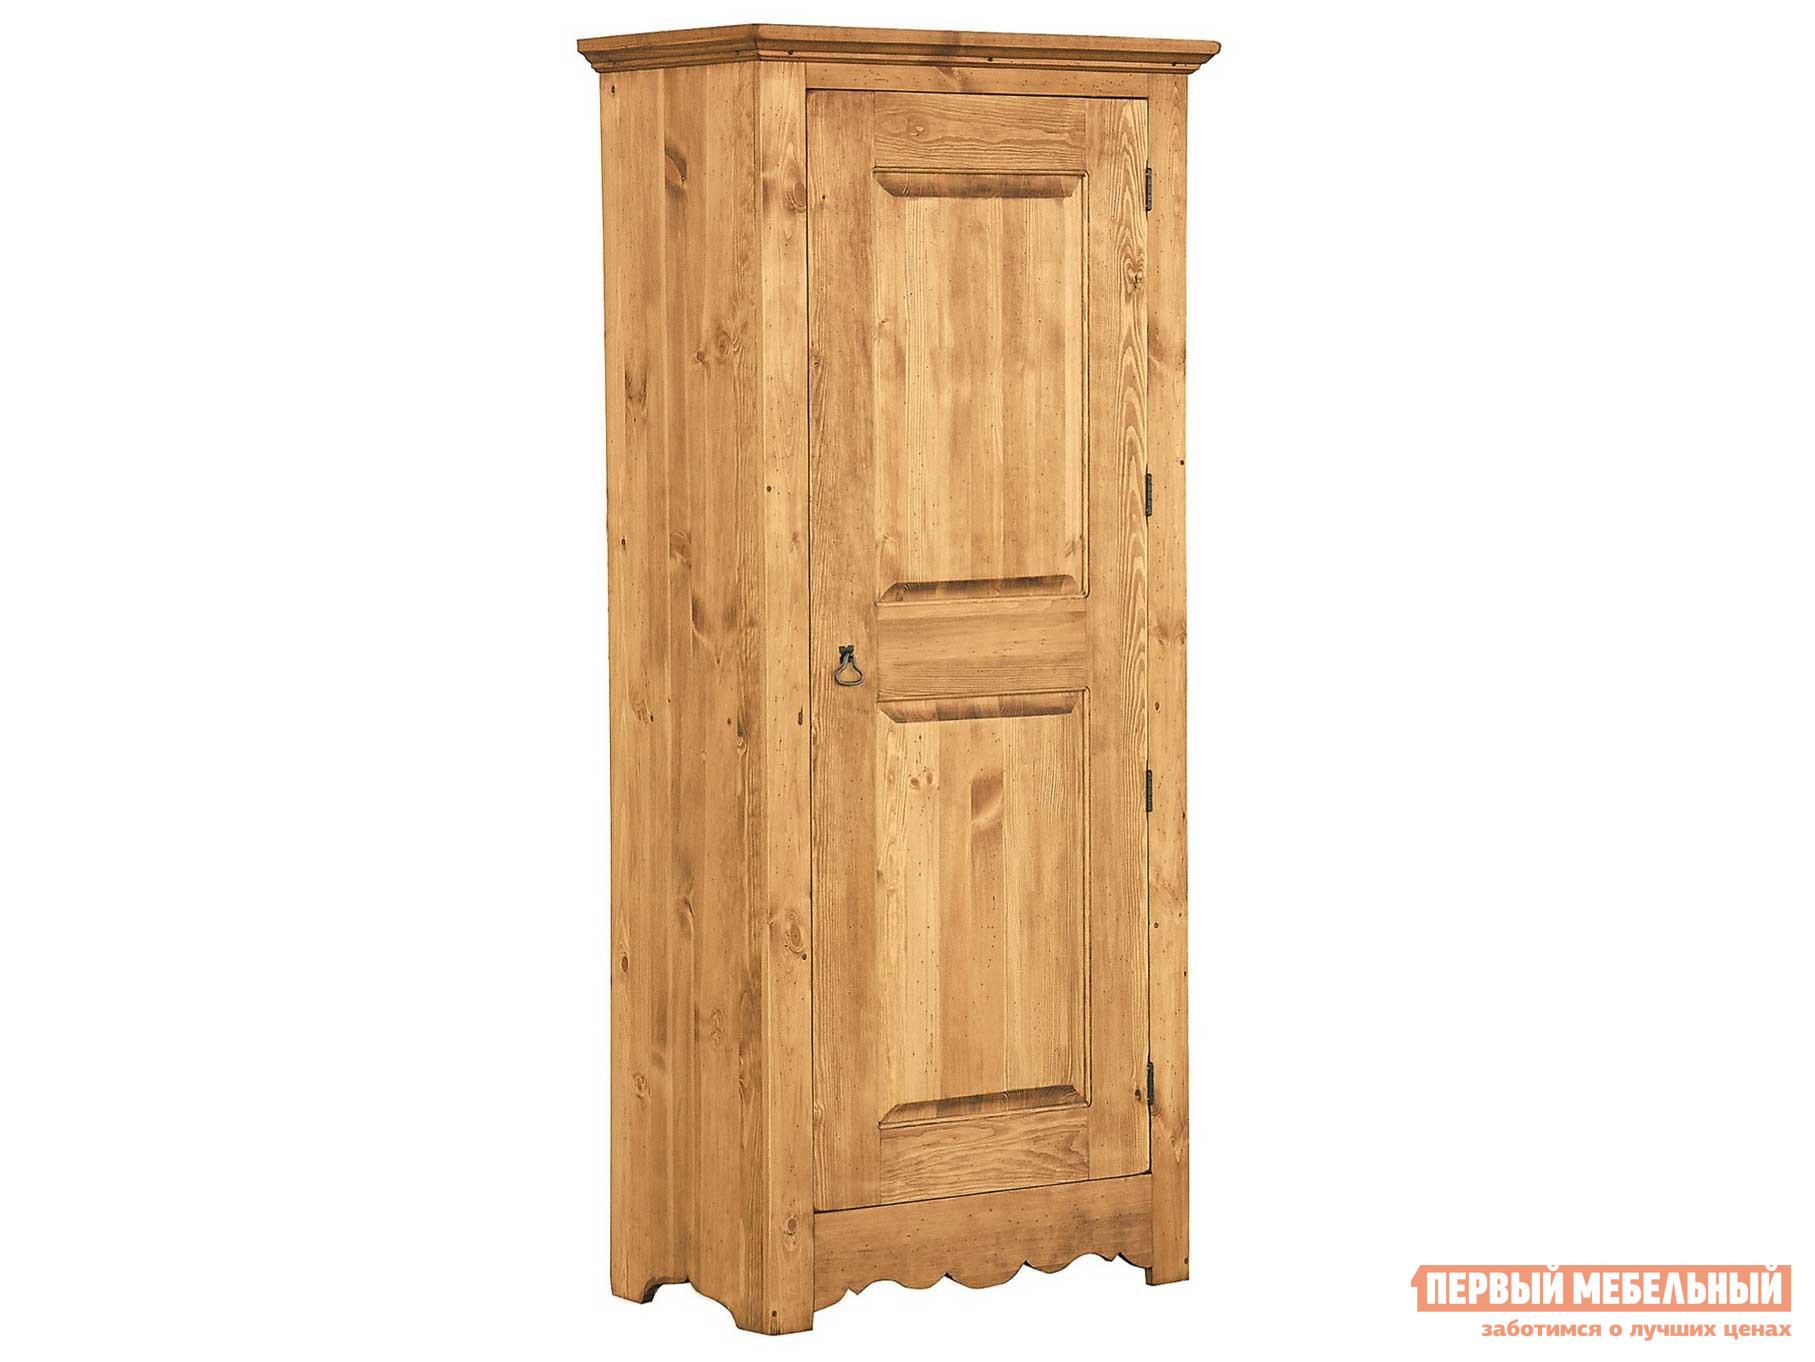 Шкаф распашной Волшебная сосна BONNETIERE 194 (BO 194) барный шкаф волшебная сосна bar ouvrant barouv